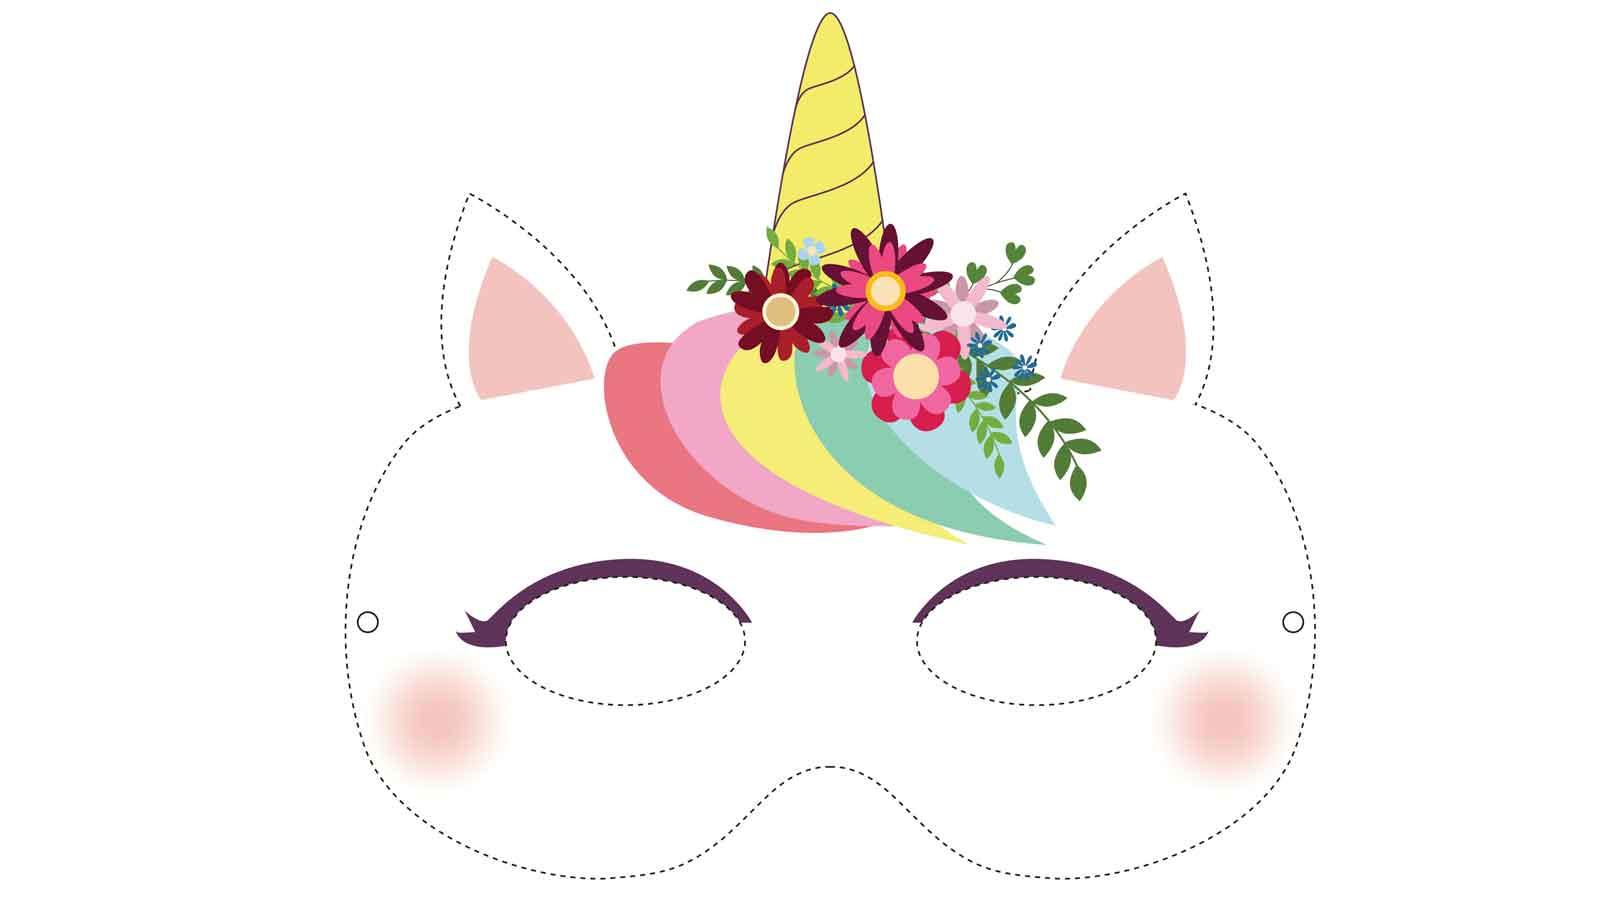 Diy : 19 Masques Gratuits À Imprimer Et Découper Soi-Même avec Masques Animaux À Imprimer